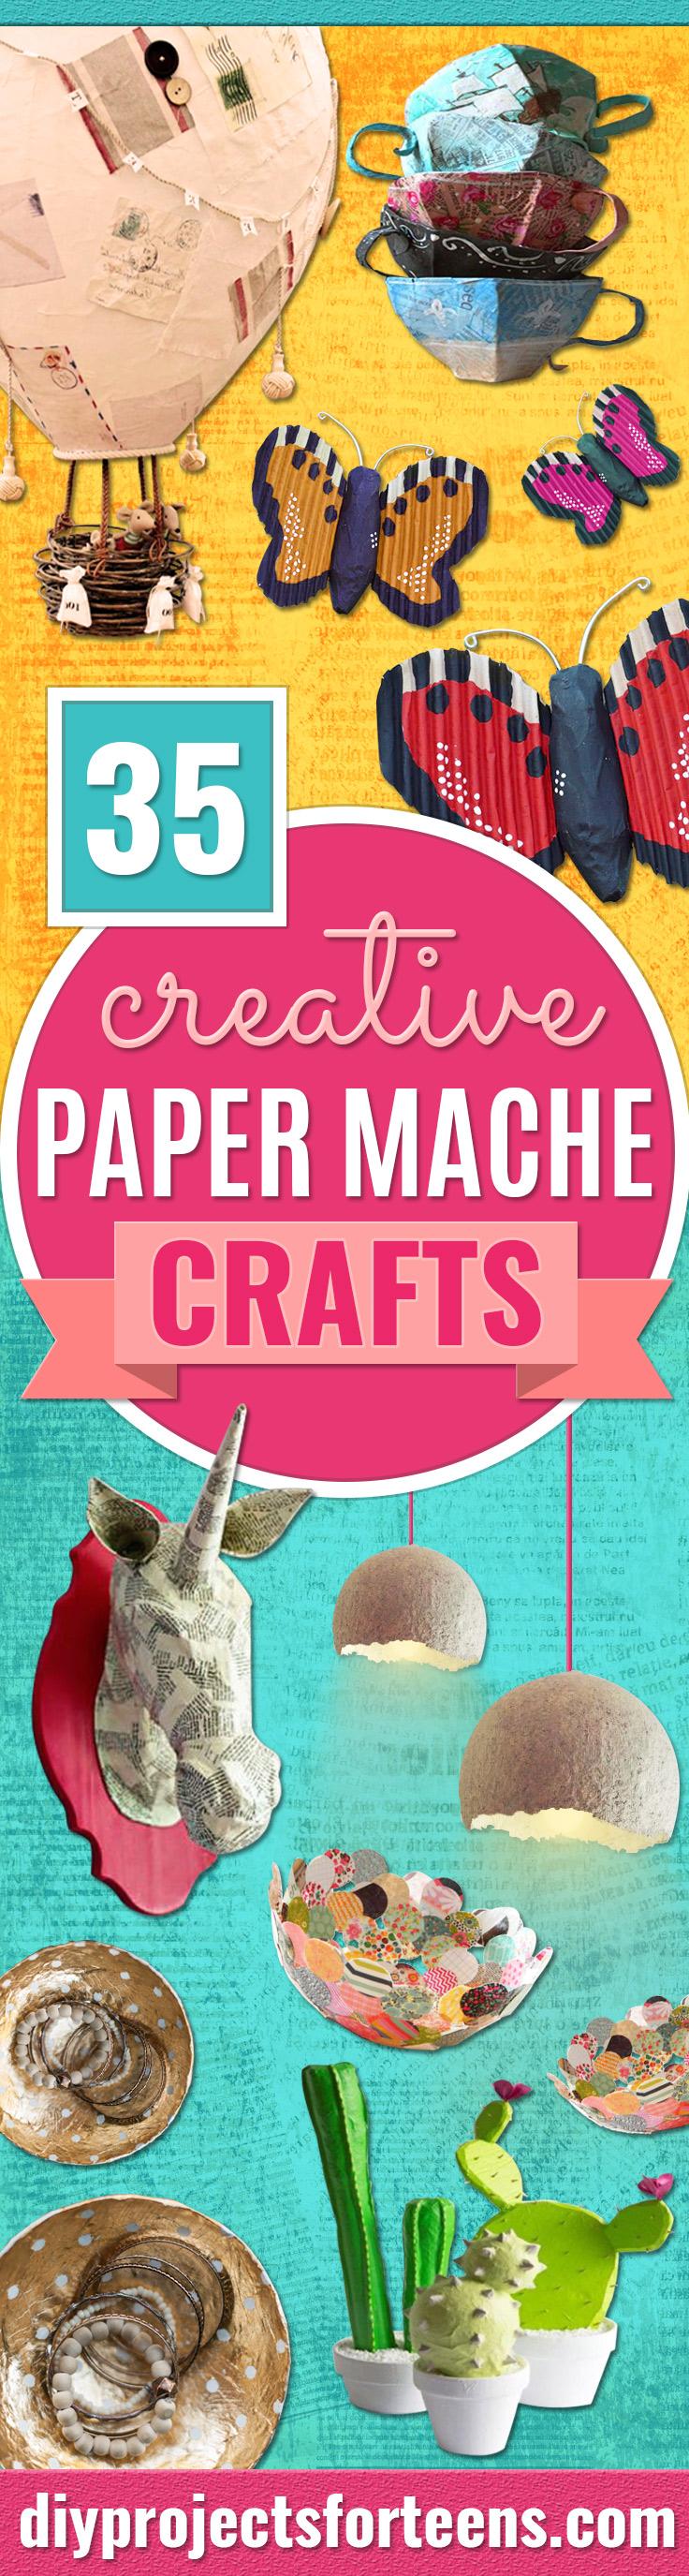 Creative Paper Mache Crafts